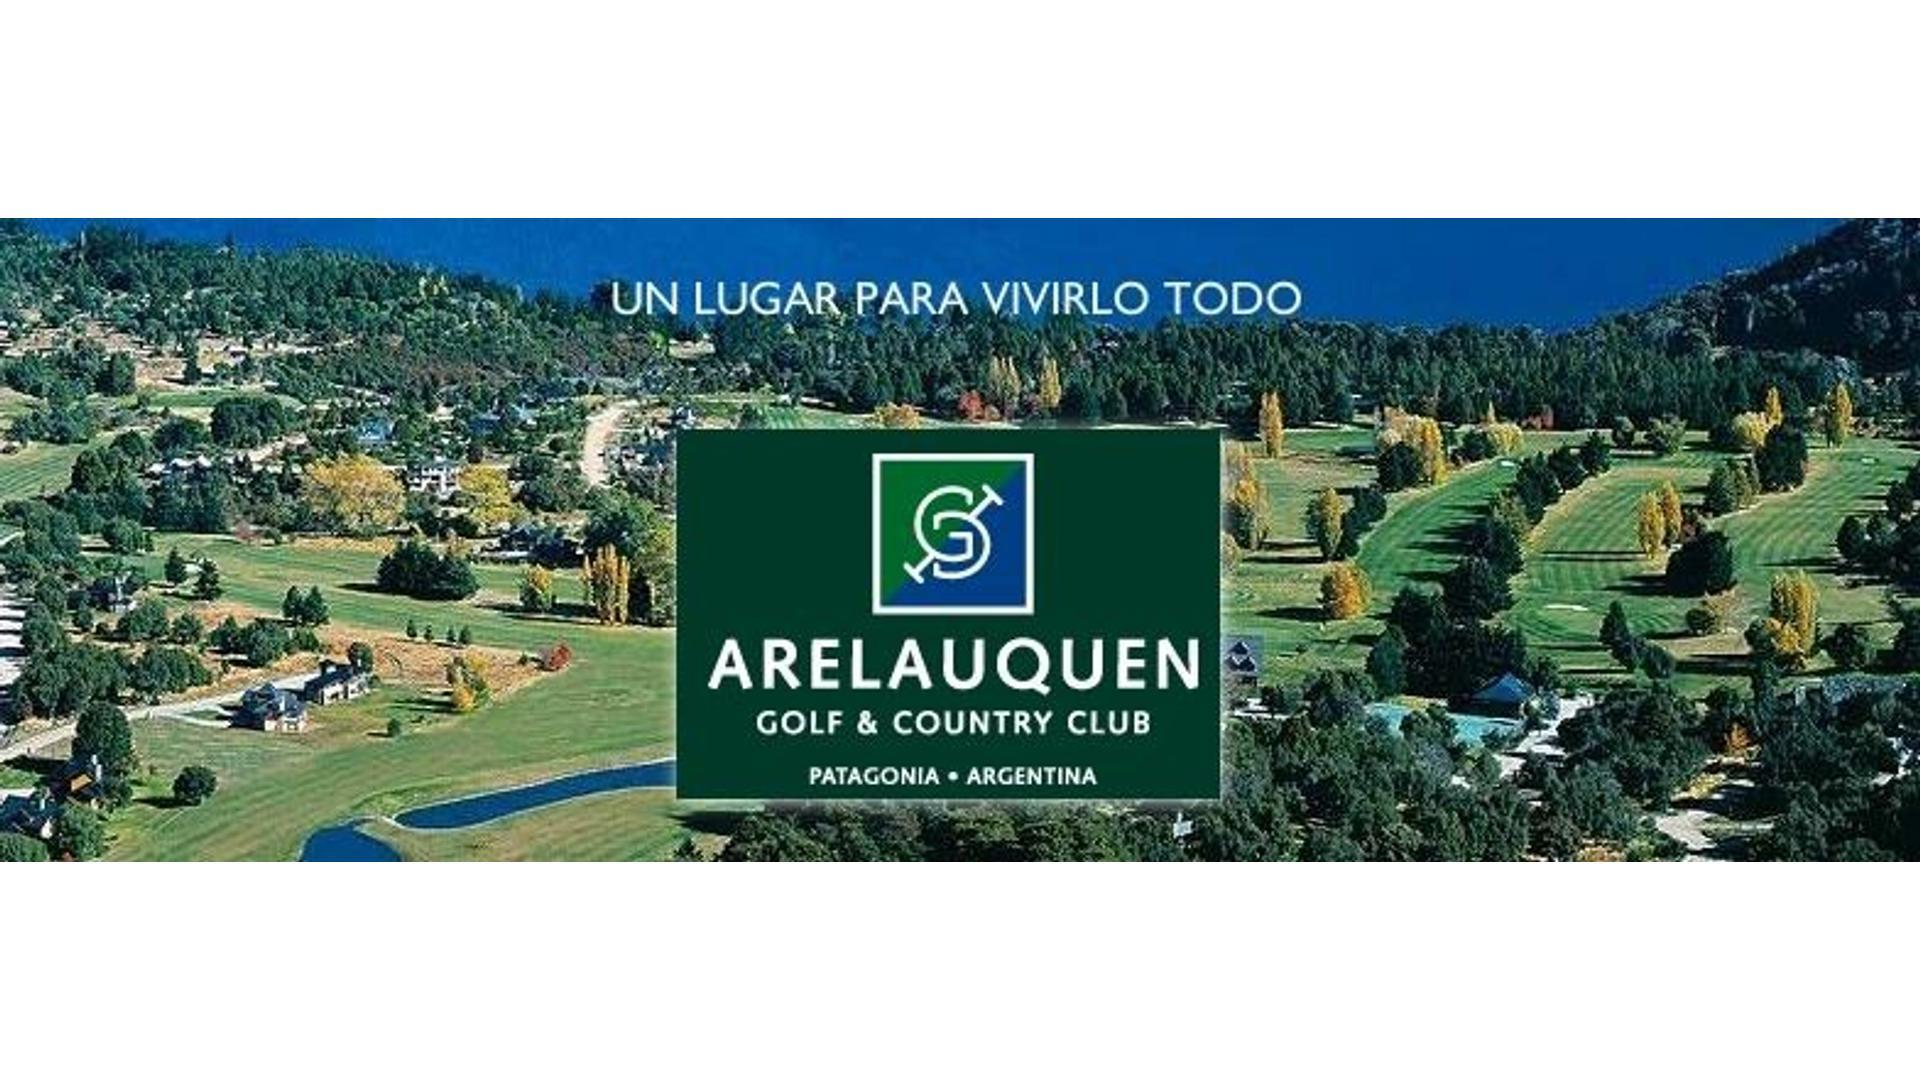 ESPECTACULAR TERRENO EN ARELAUQUEN GOLF & COUNTRY CLUB